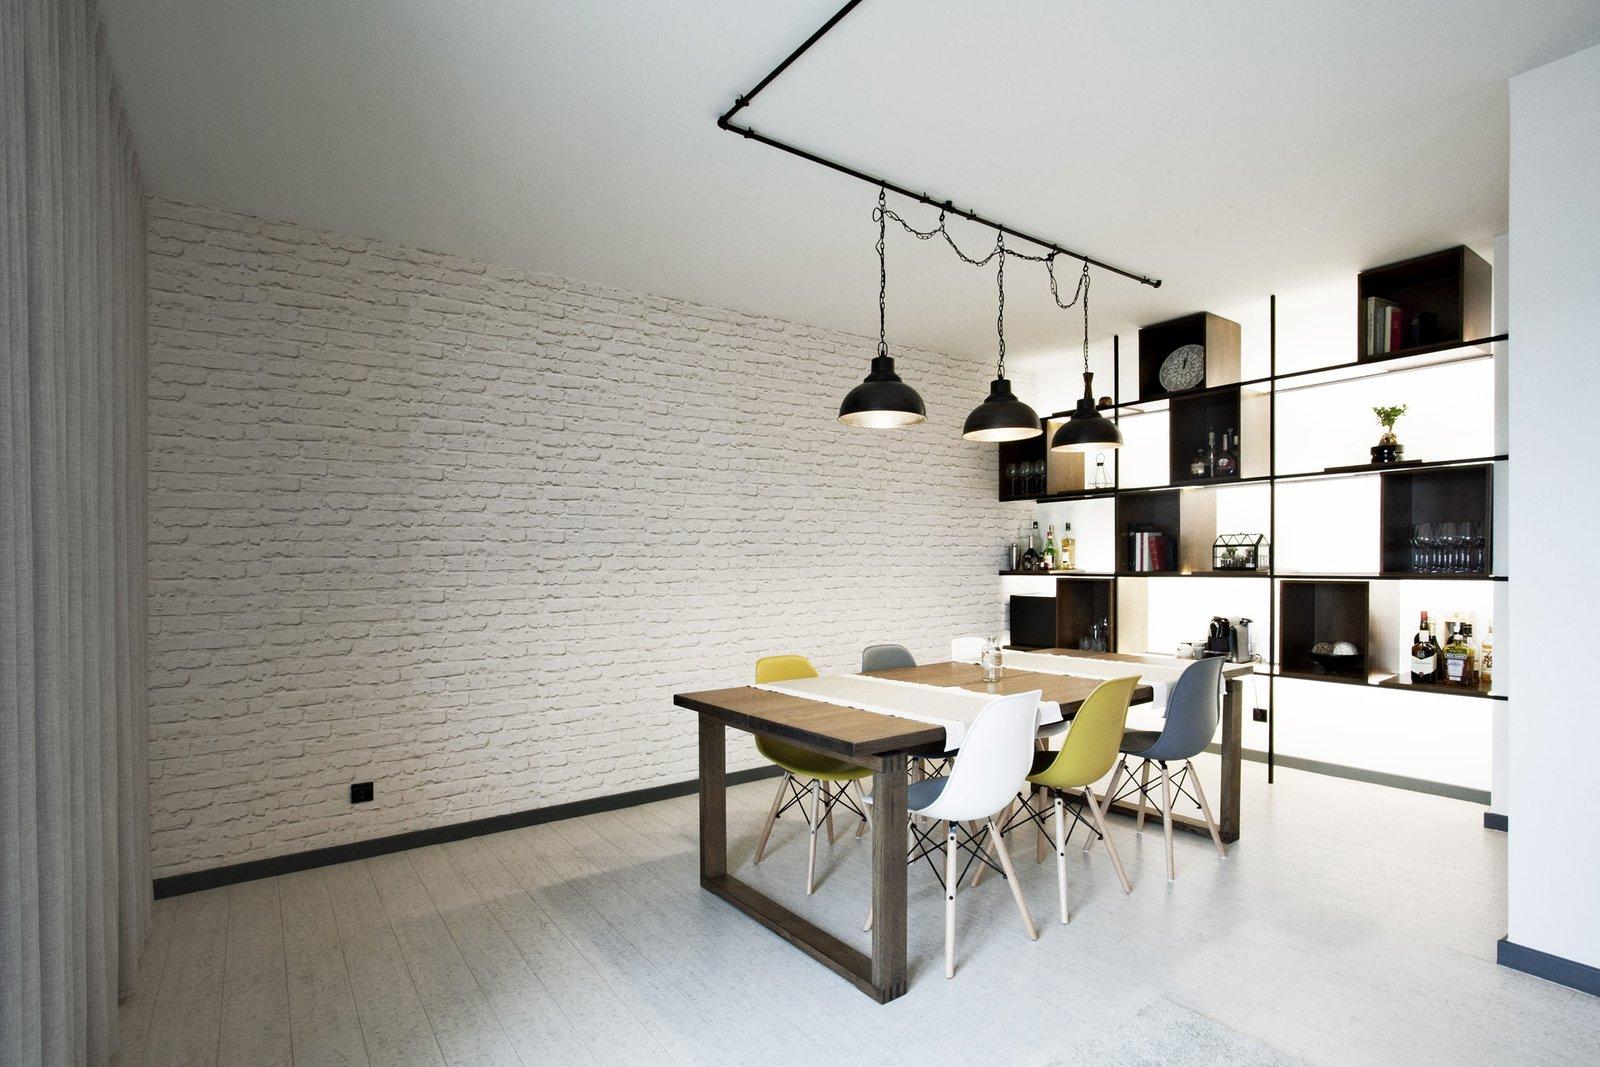 EL.P - Apartment Renovation